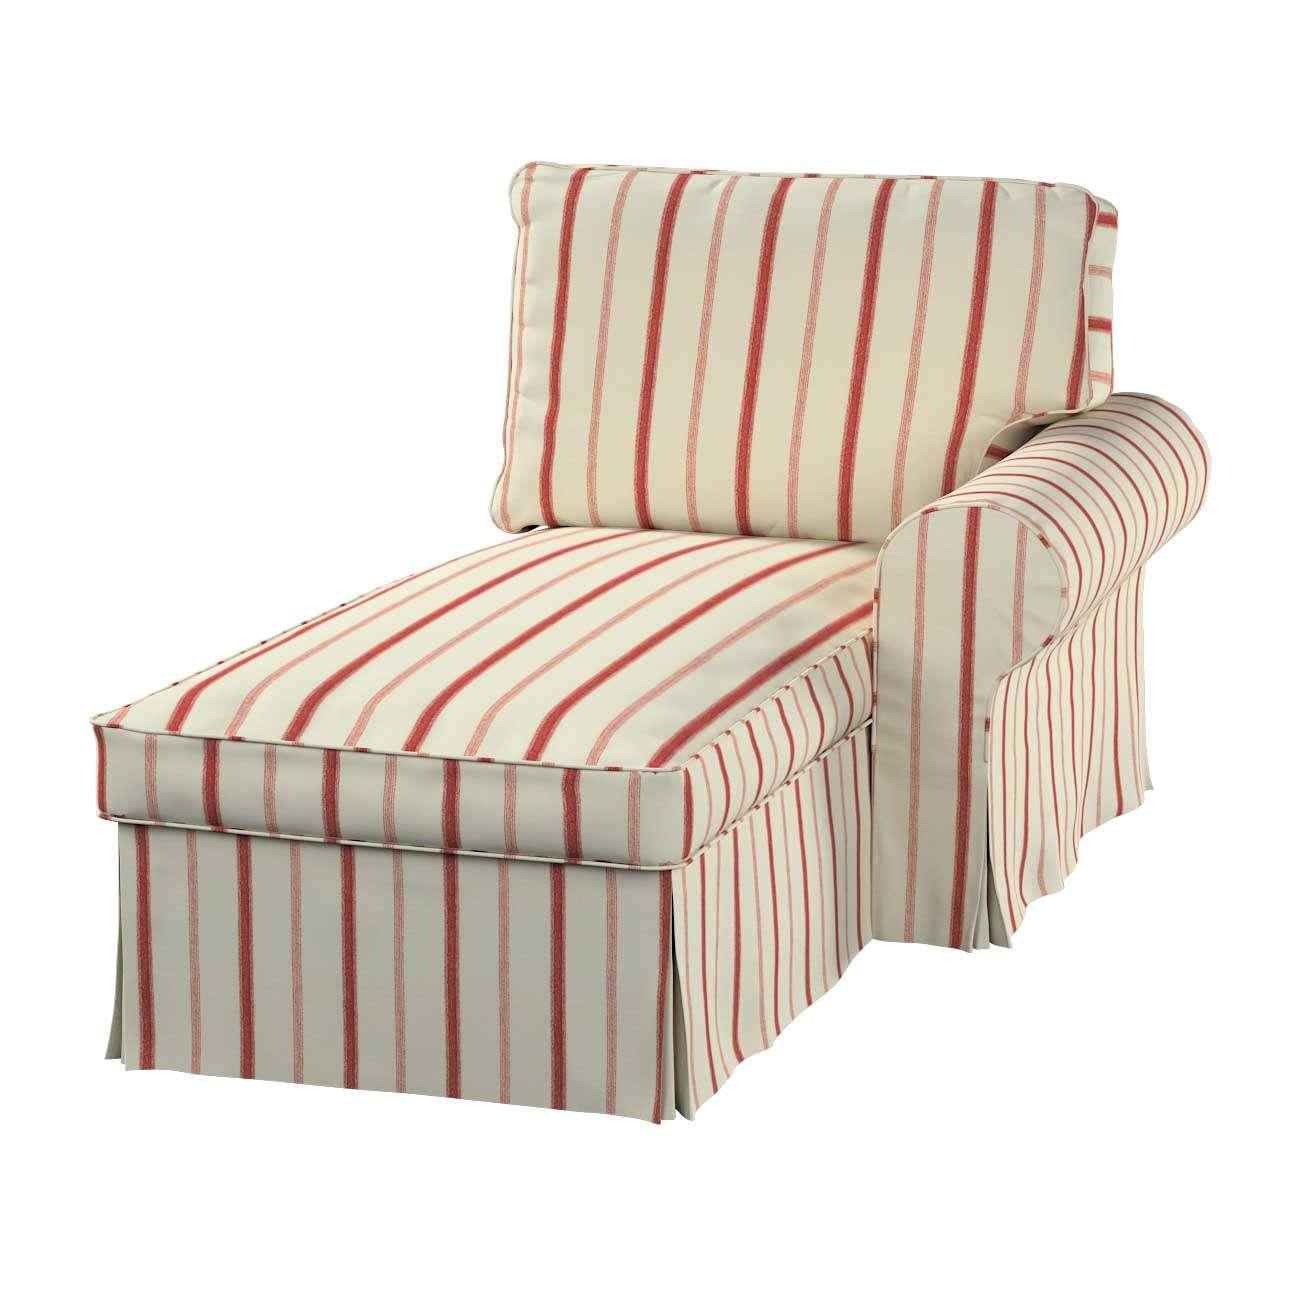 Ektorp gulimajo krėslo užvalkalas  (su porankiu, dešiniojo) Ektorp gulimojo krėslo užvalkalas su porankiu (dešiniojo) kolekcijoje Avinon, audinys: 129-15